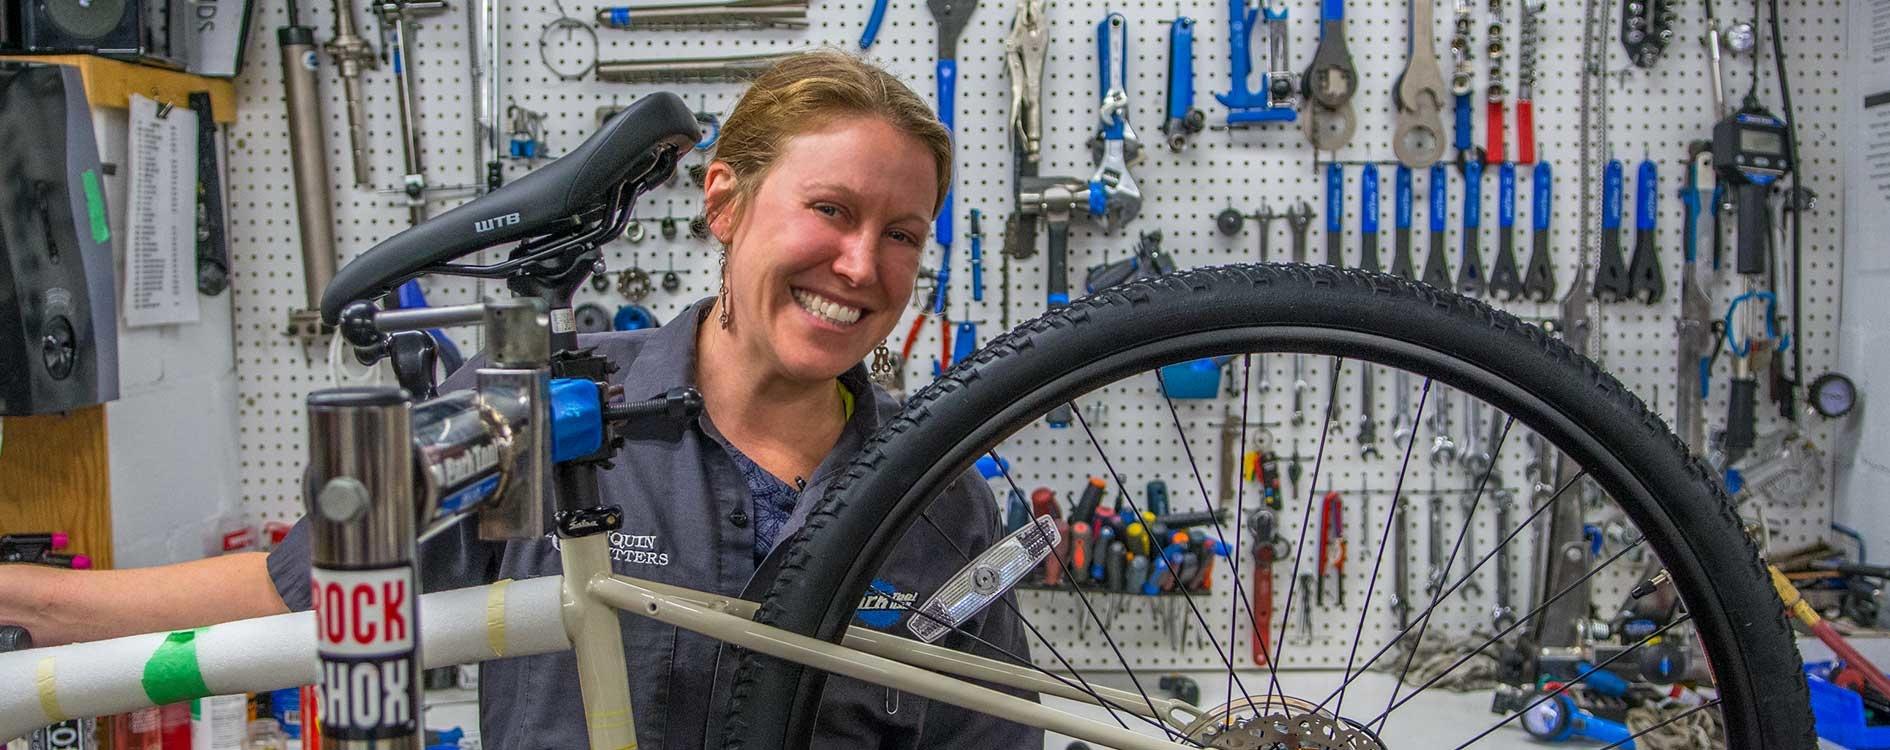 Bike Repairs and Tunes in Muskoka